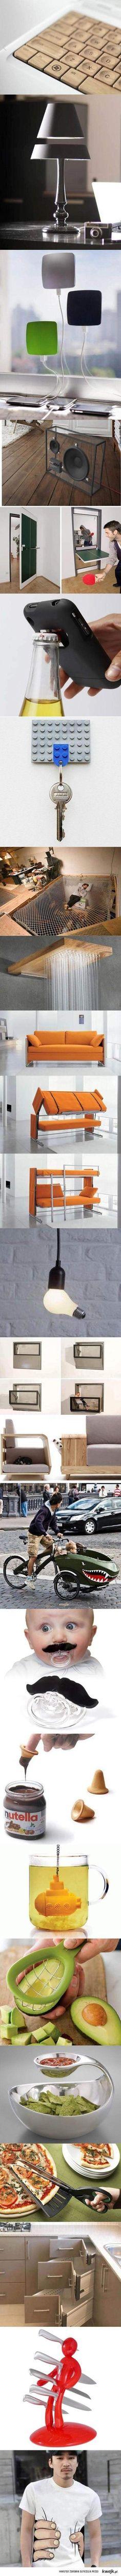 cool design